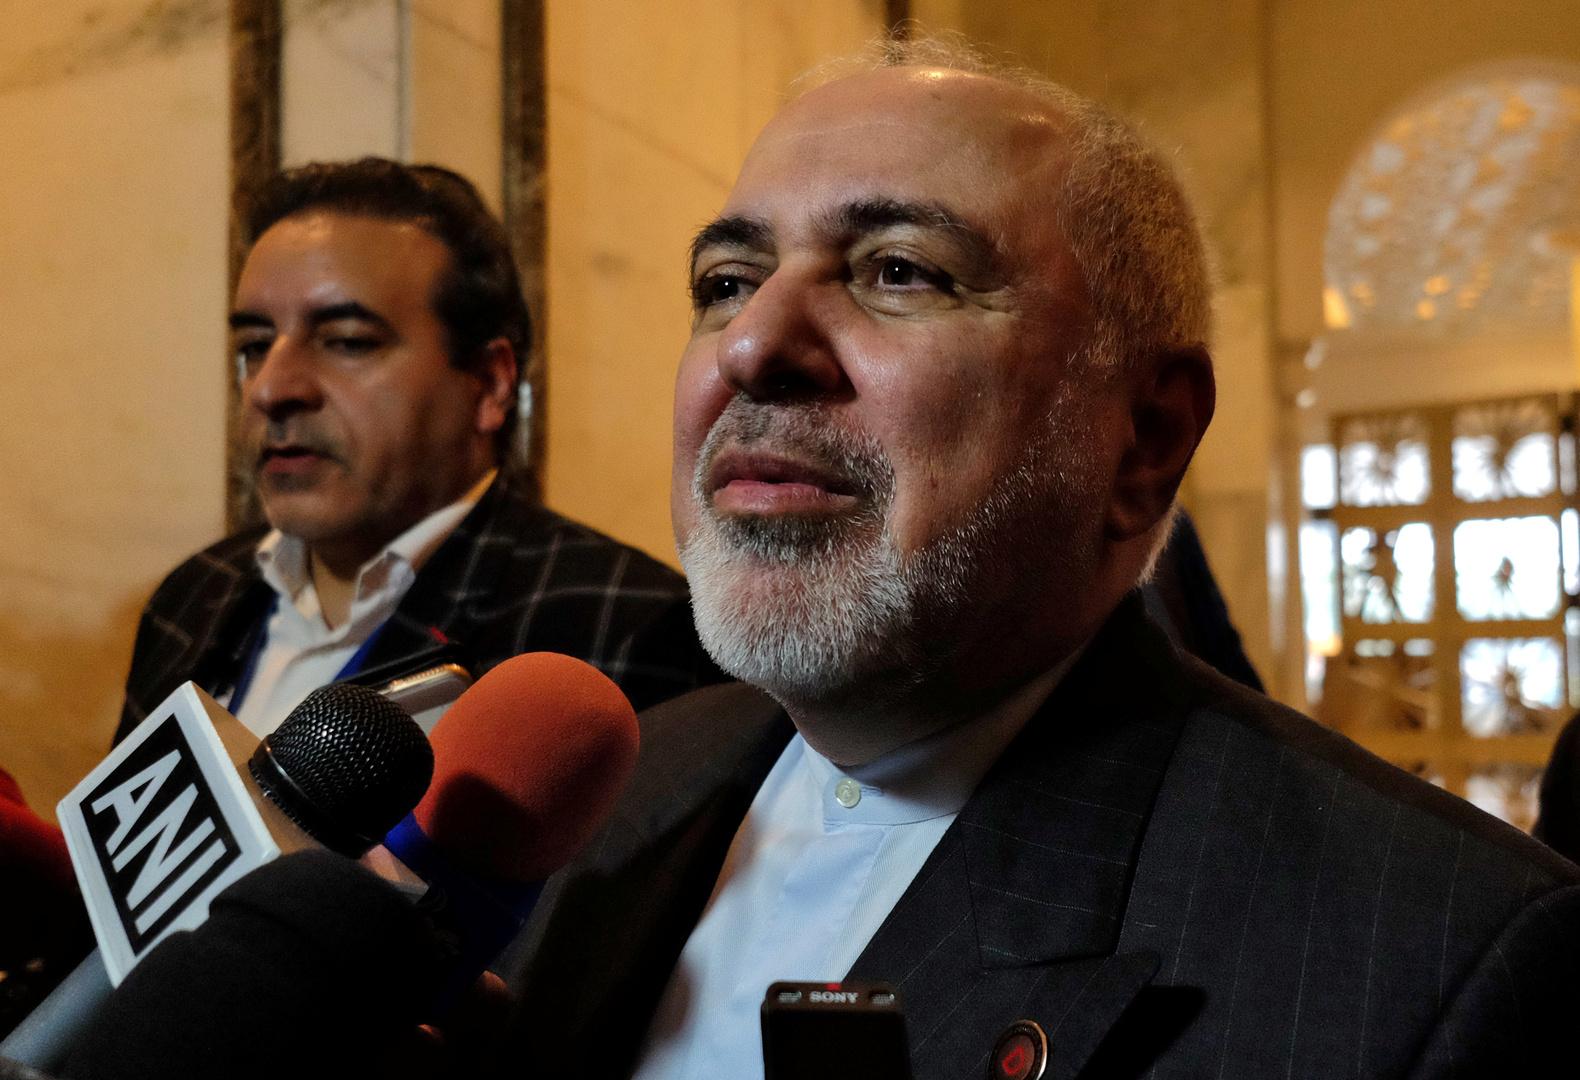 محمد جواد ظريف، وزير الخارجية الإيراني، صورة من الأرشيف